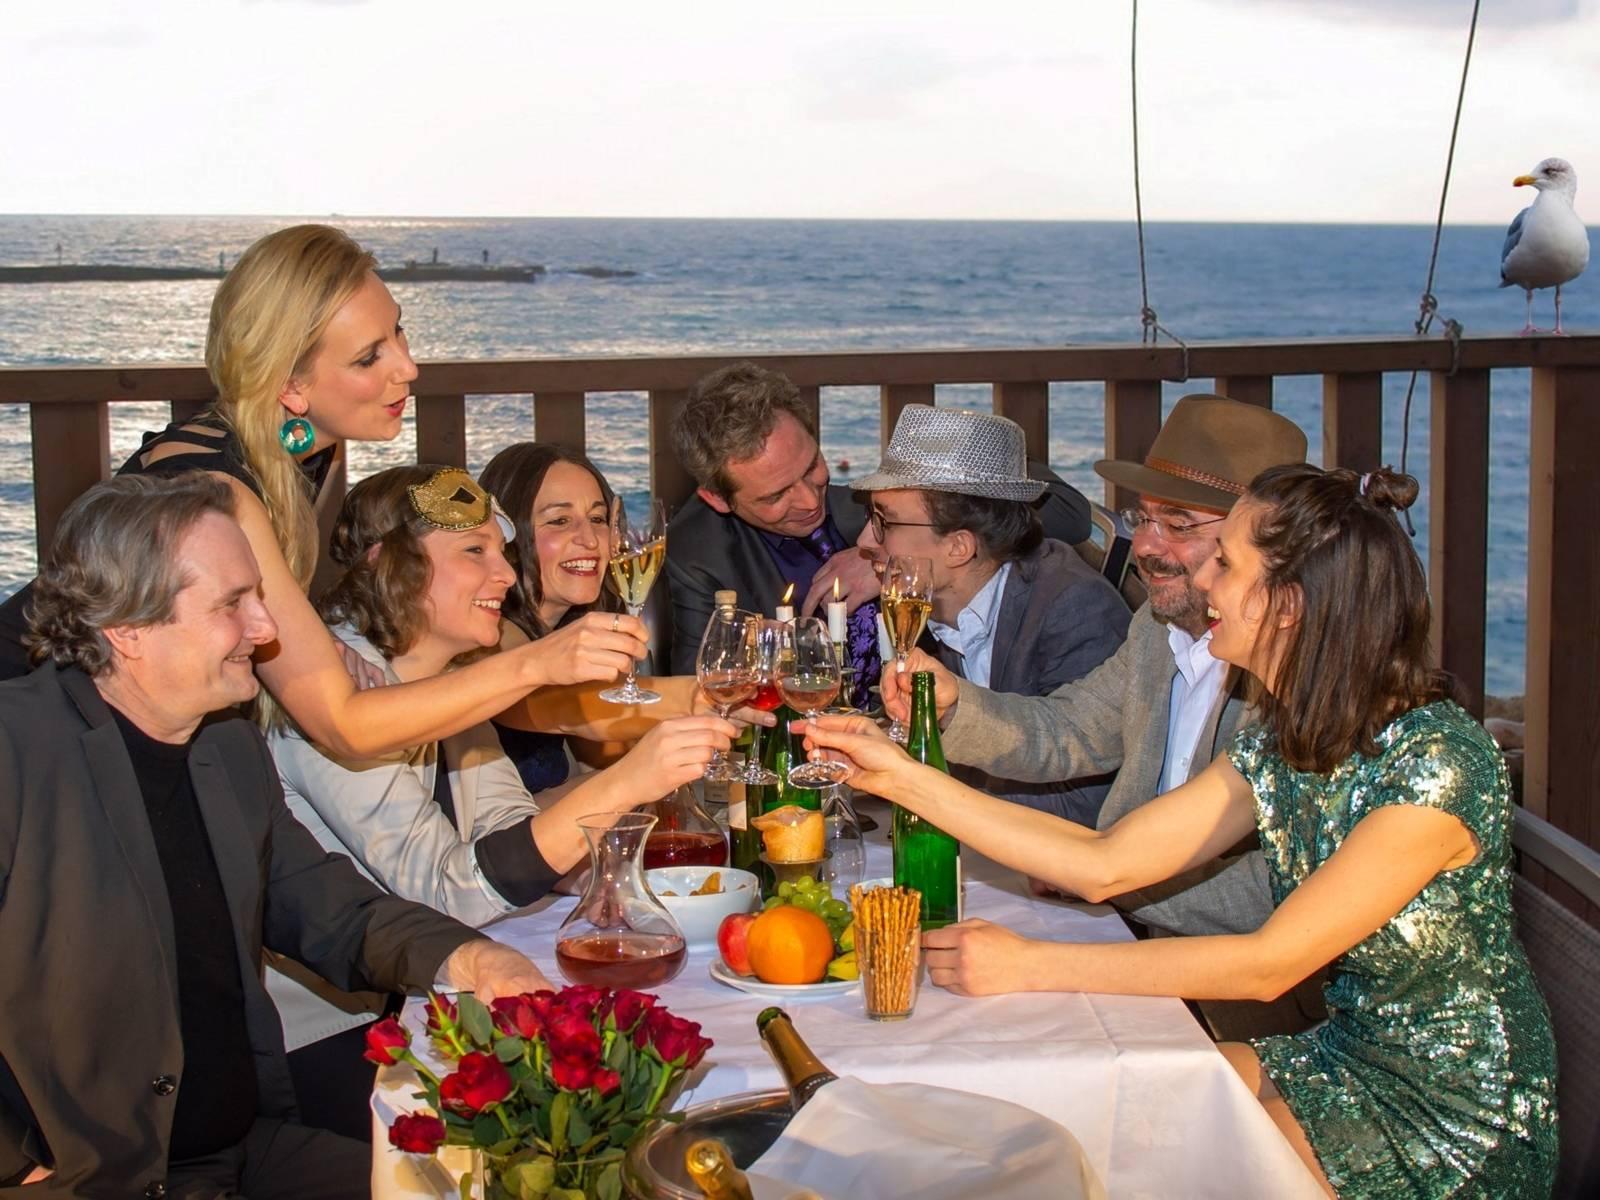 Eine sichtlich vergnügte Gruppe von vier Frauen und vier Männern an einem Tisch auf einer Terrasse am Meer